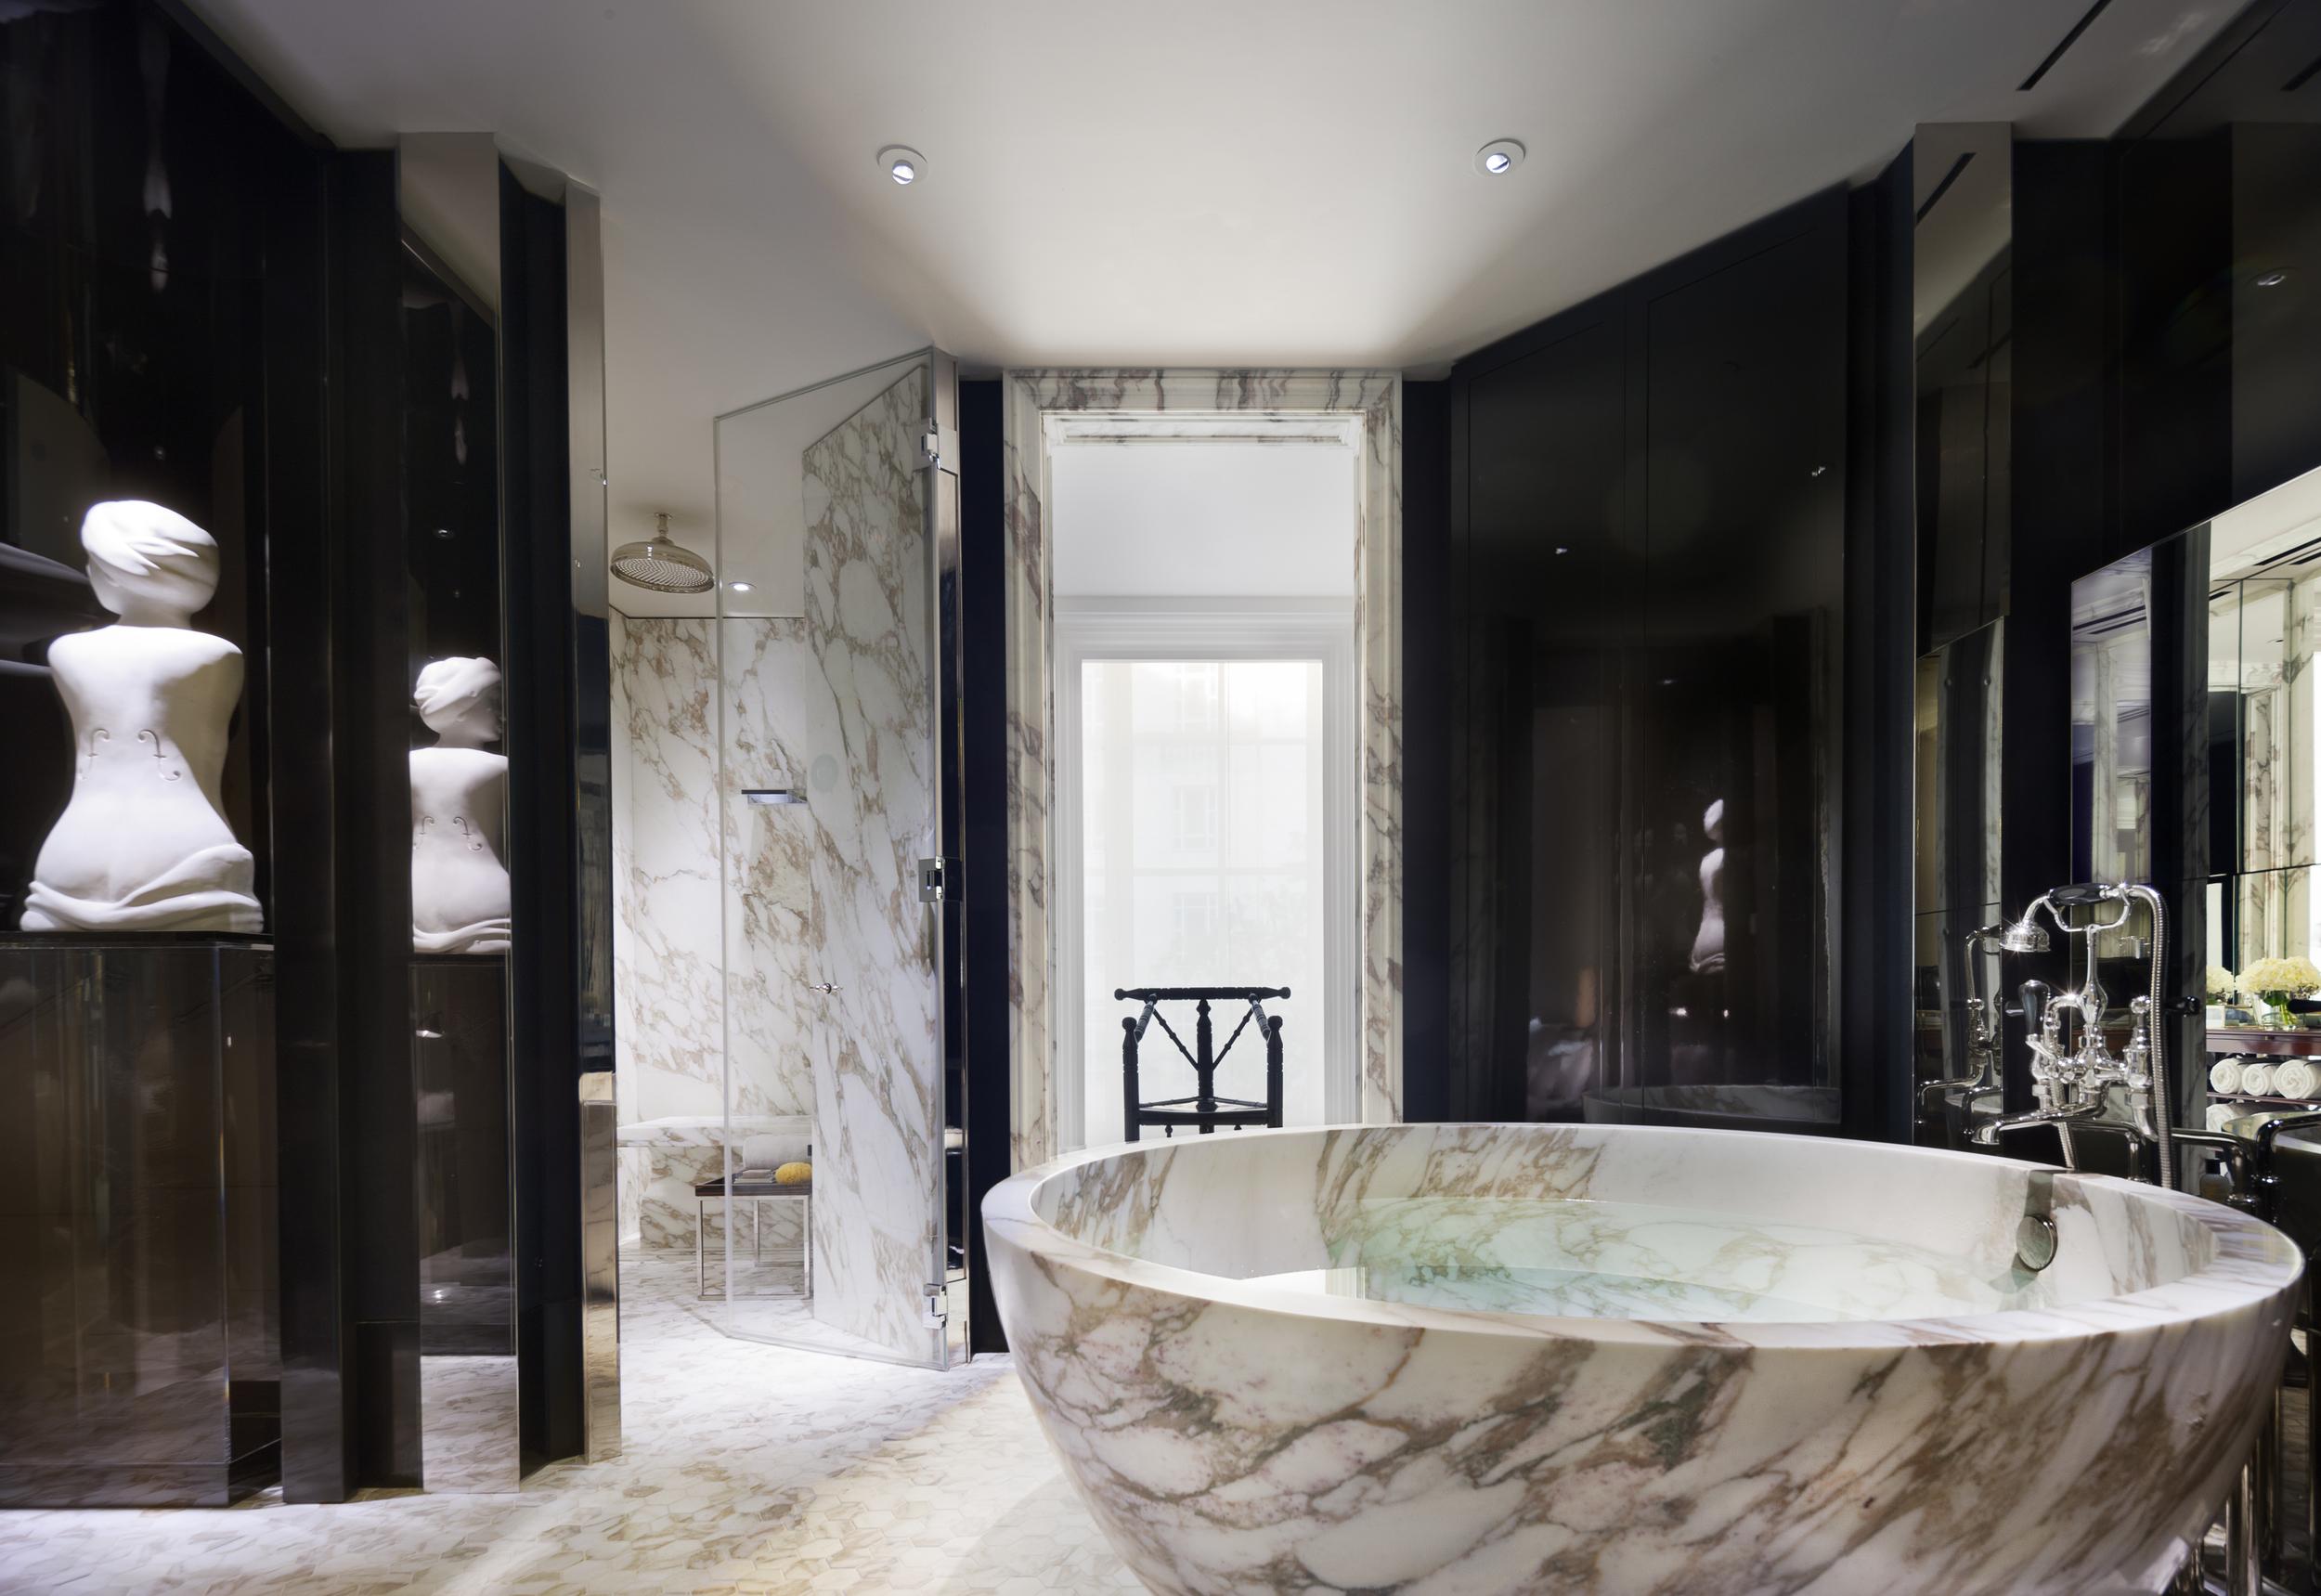 LDN_61386644_Rosewood_London_Manor_House_Suite_Master_Bathroom_1.jpg